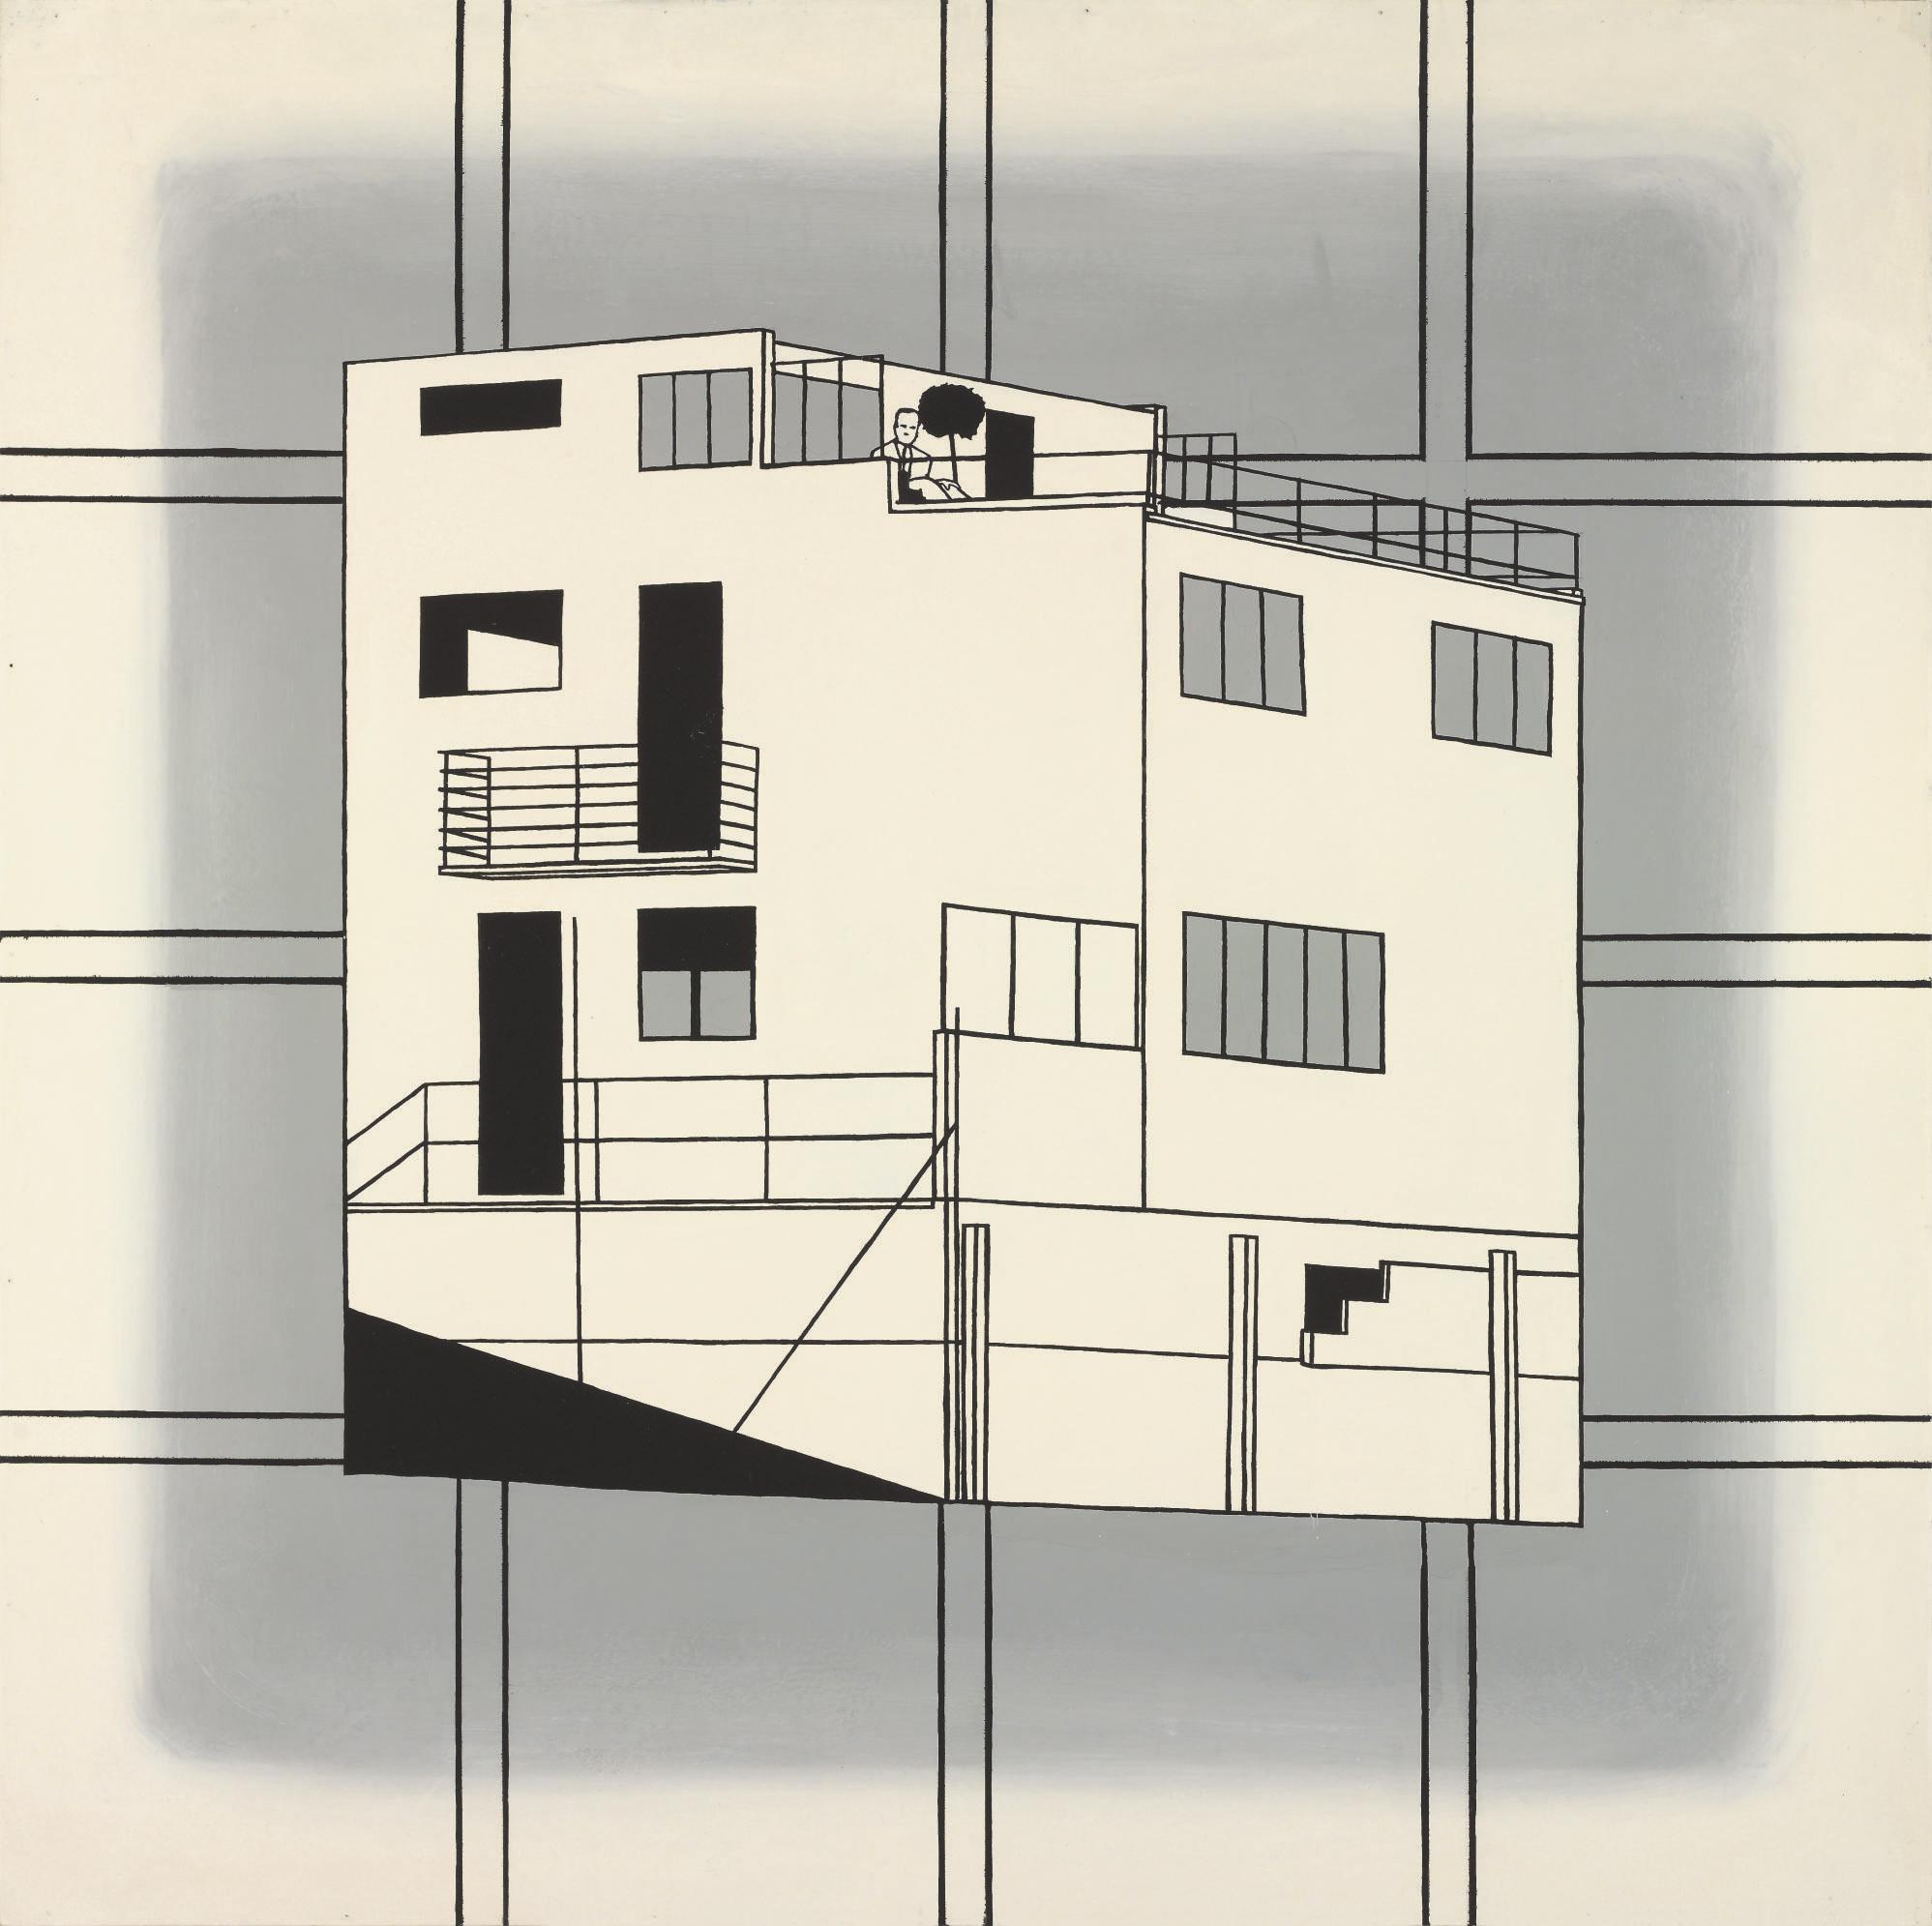 Concrete Villa, Brunn